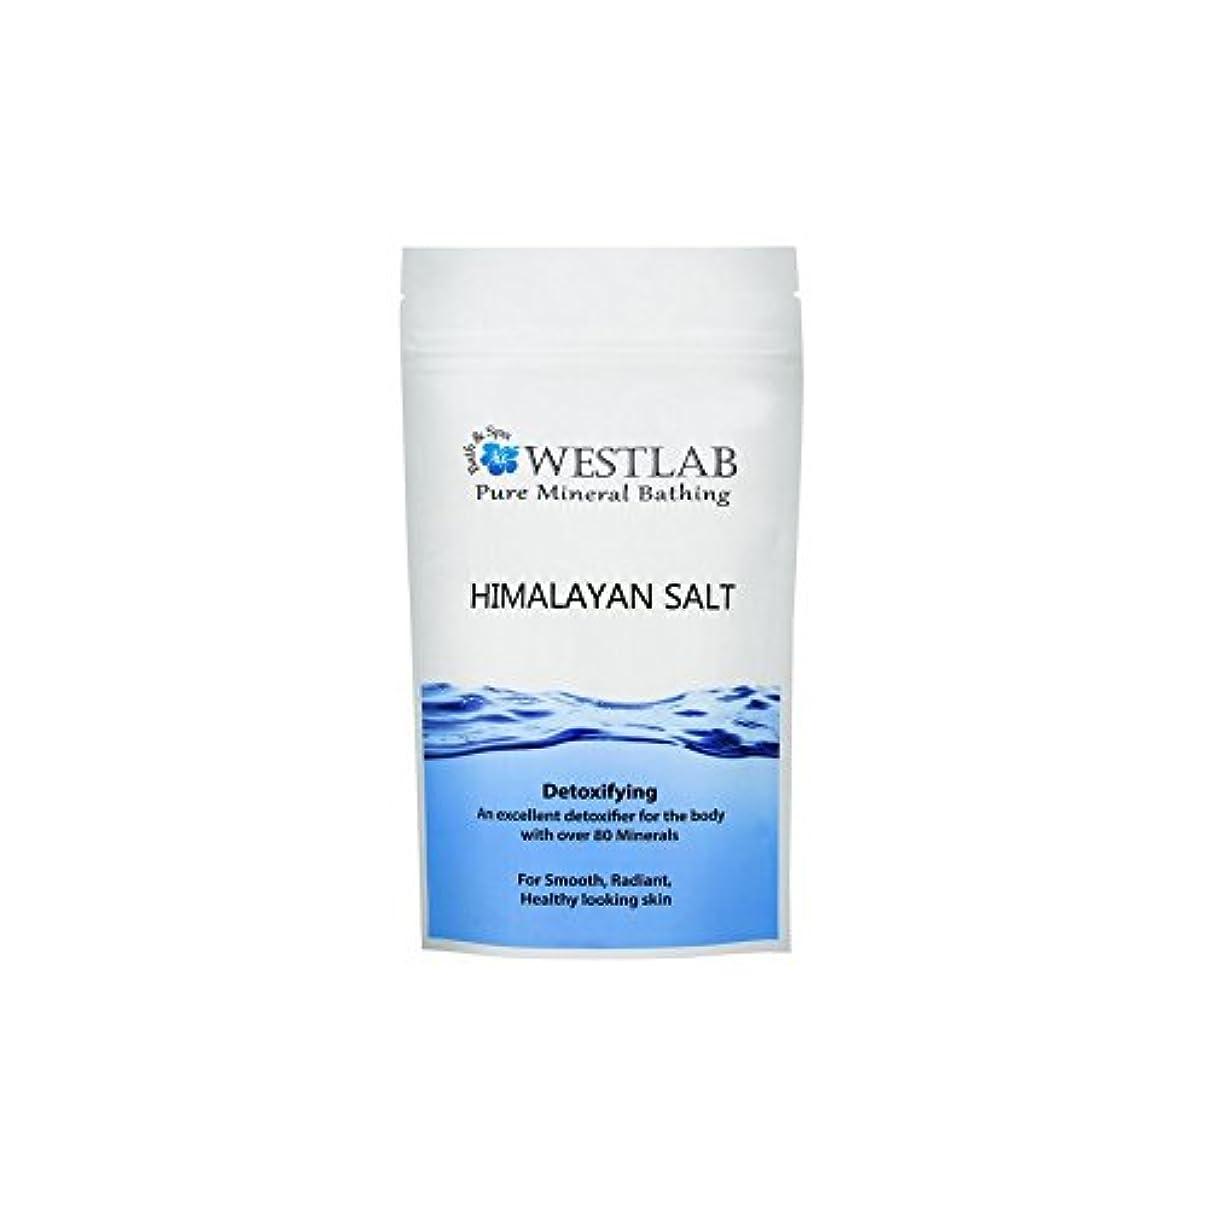 憂鬱に賛成可能にするヒマラヤ塩の1キロ x4 - Westlab Himalayan Salt 1kg (Pack of 4) [並行輸入品]